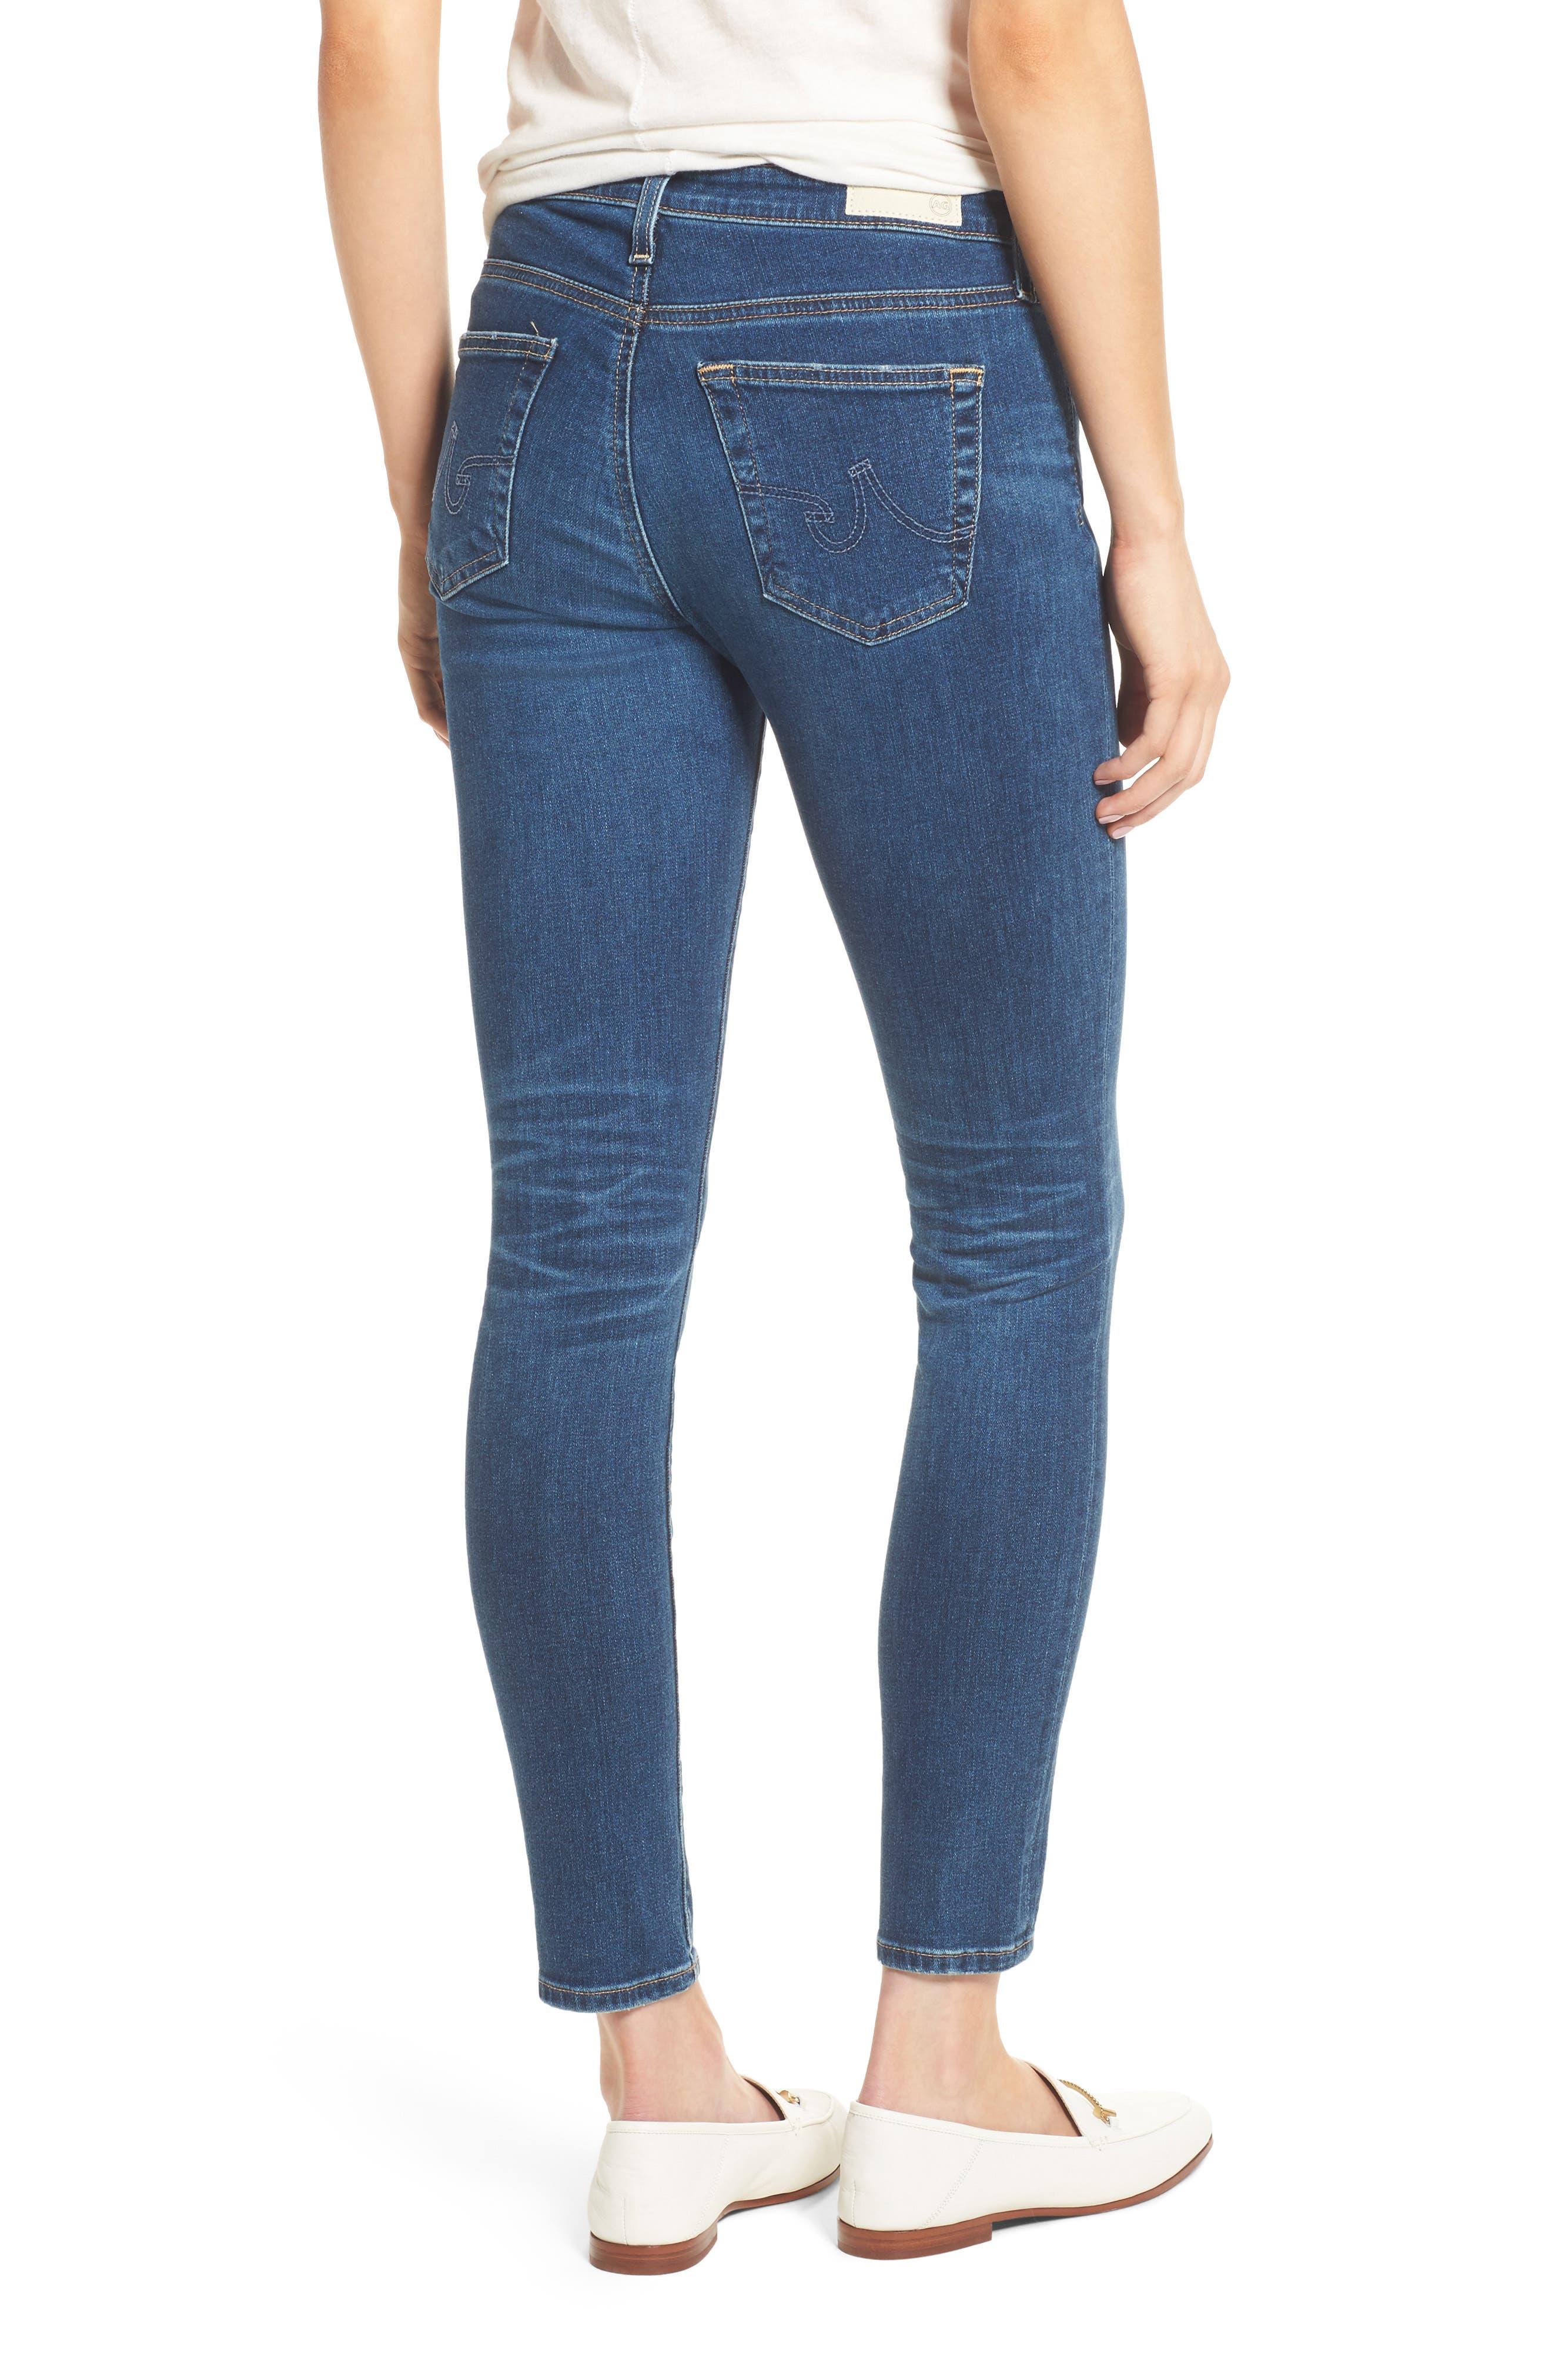 Alternate Image 2  - AG The Legging Ankle Super Skinny Jeans